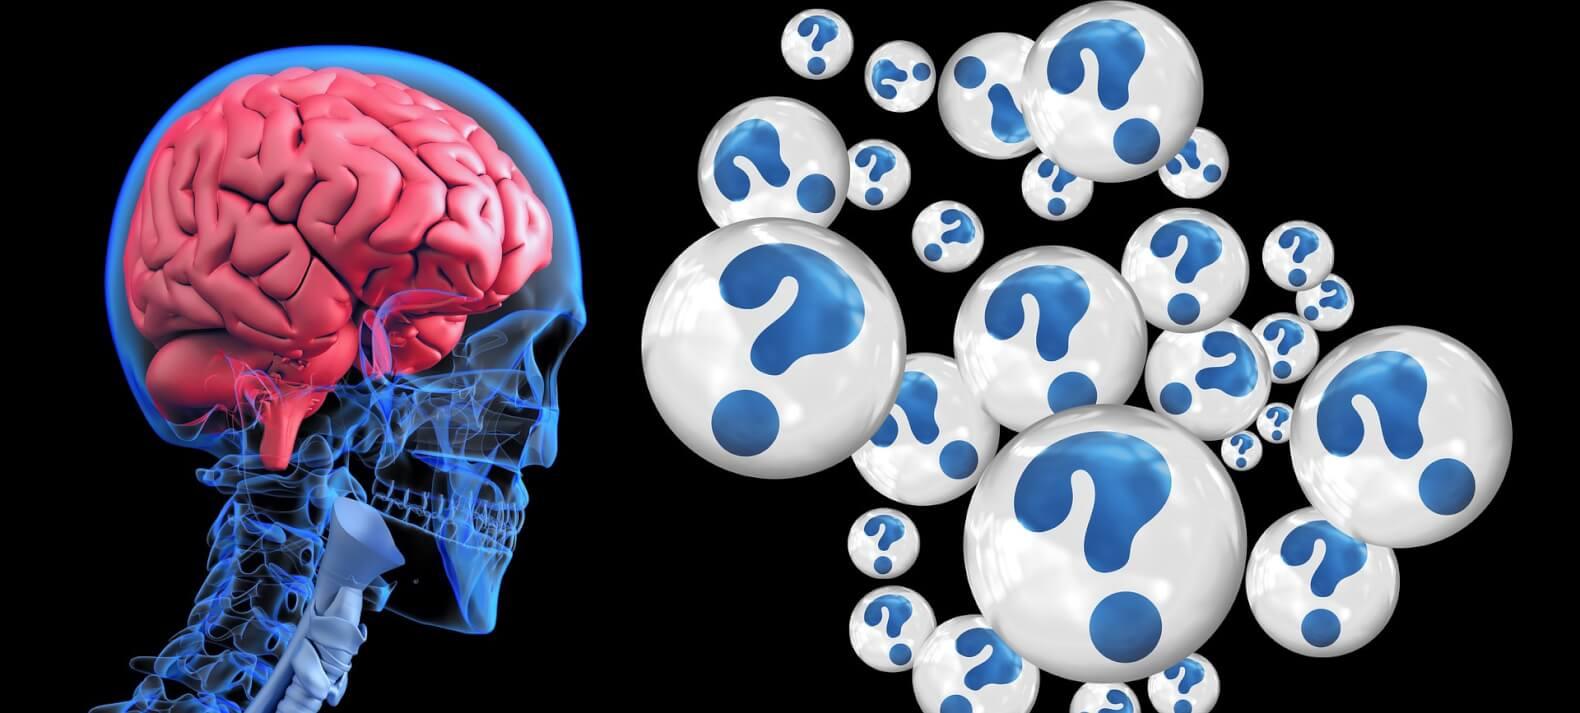 アルツハイマー病の初期症状なら9割は改善する! 世界的権威ブレデセン先生のリコード法を公開!【世界一受けたい授業】